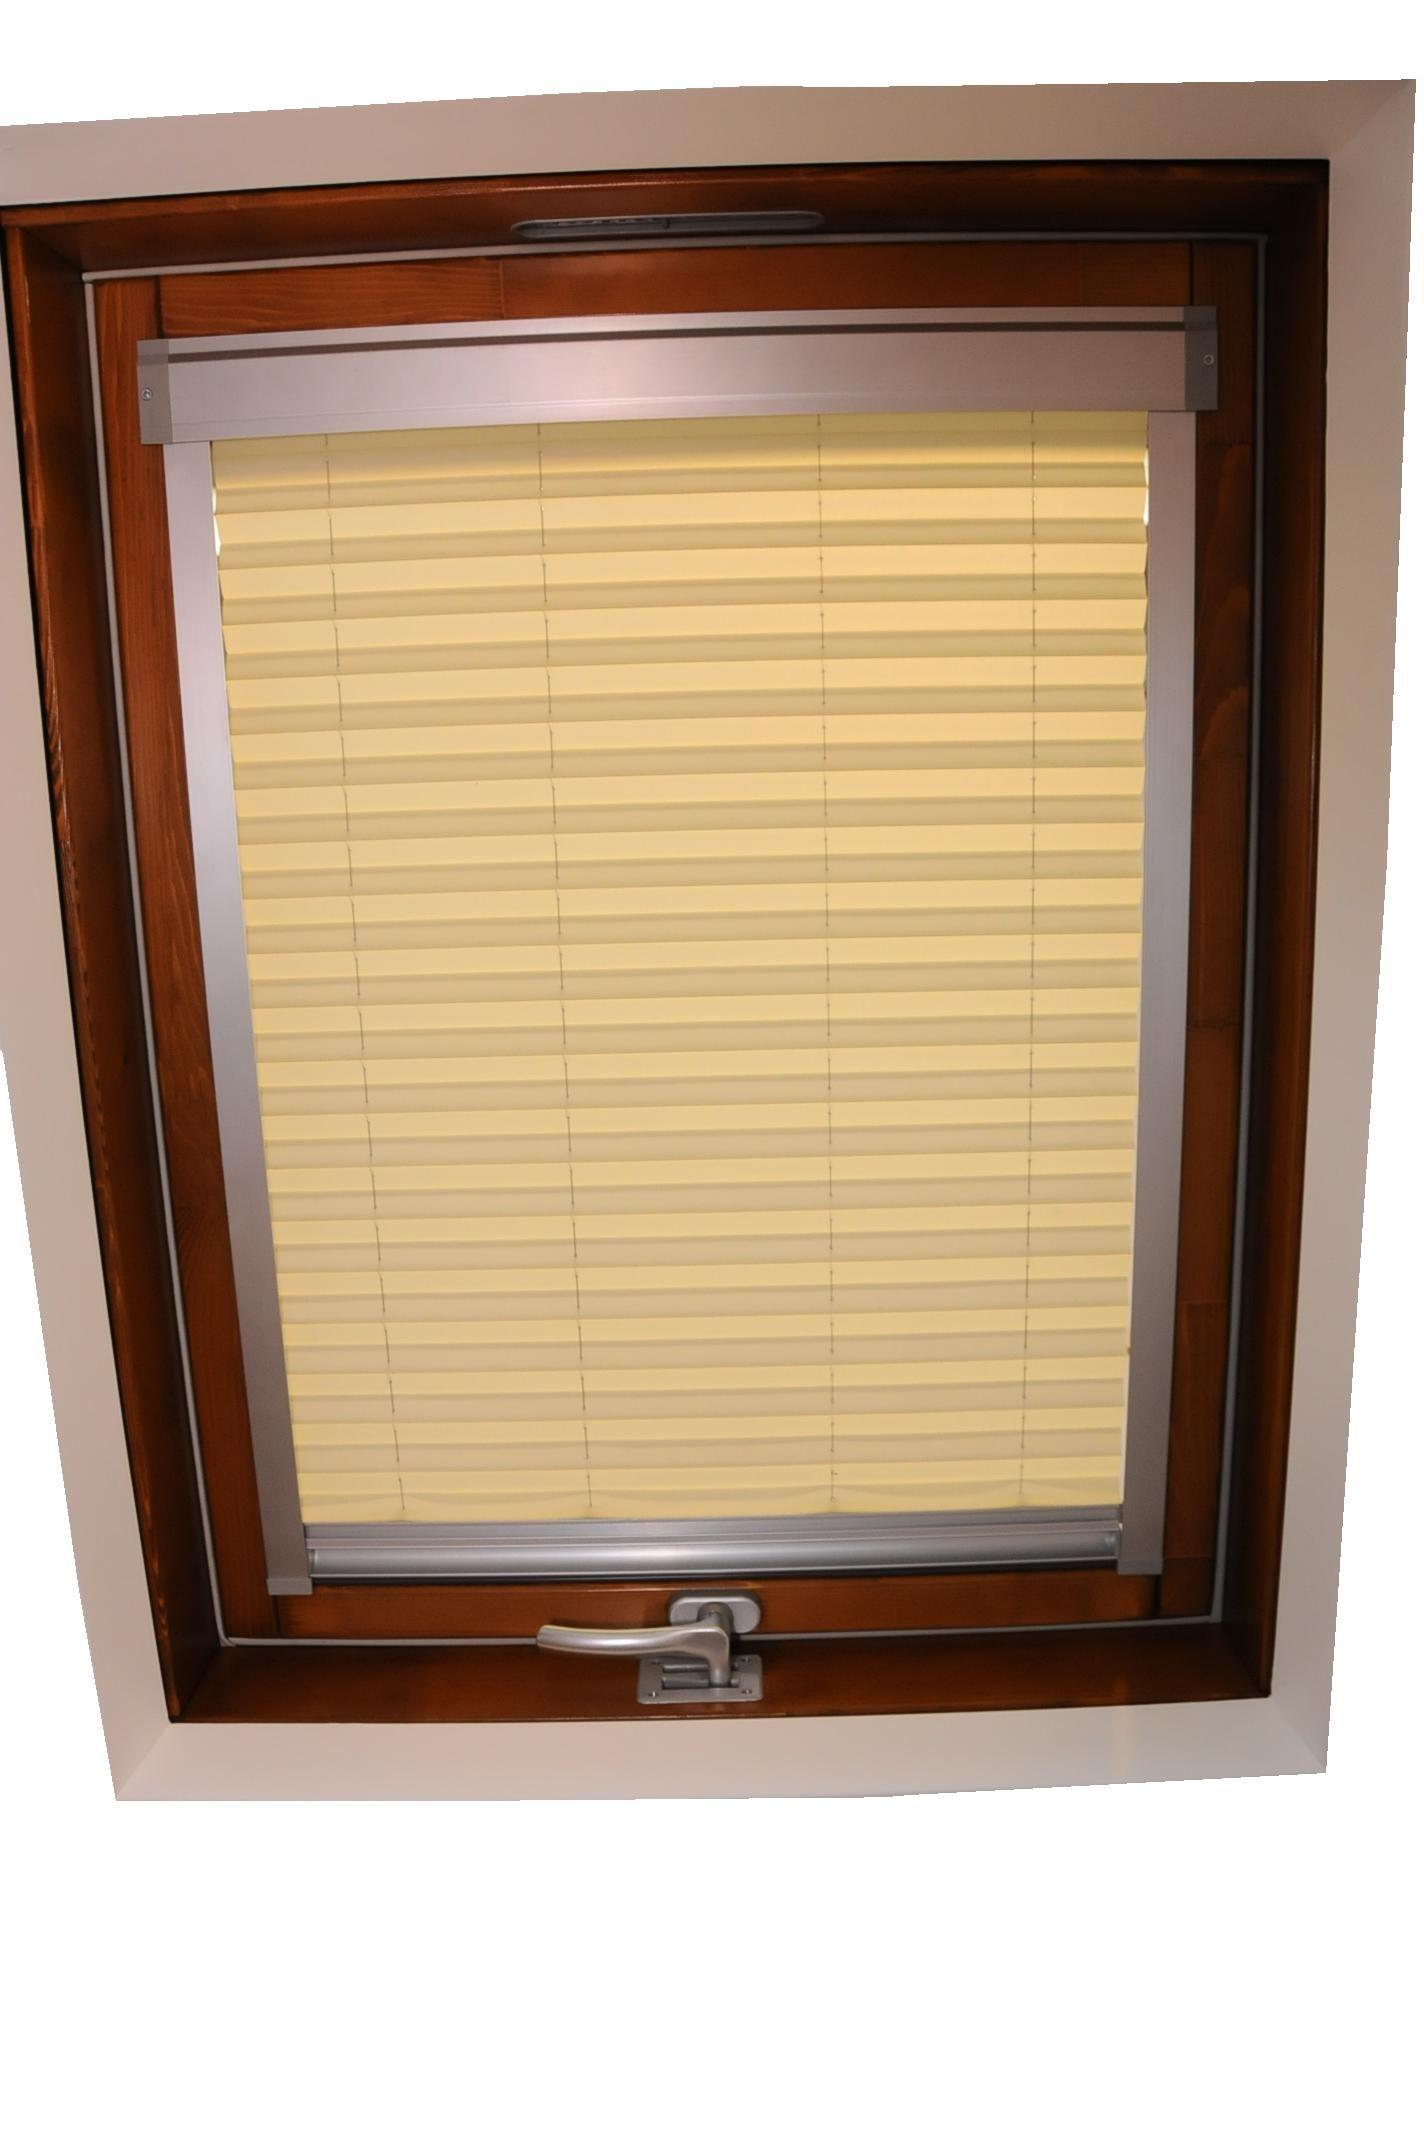 Luxin tenda per finestre da tetto plissettata by luxin - Finestre da tetto prezzi ...